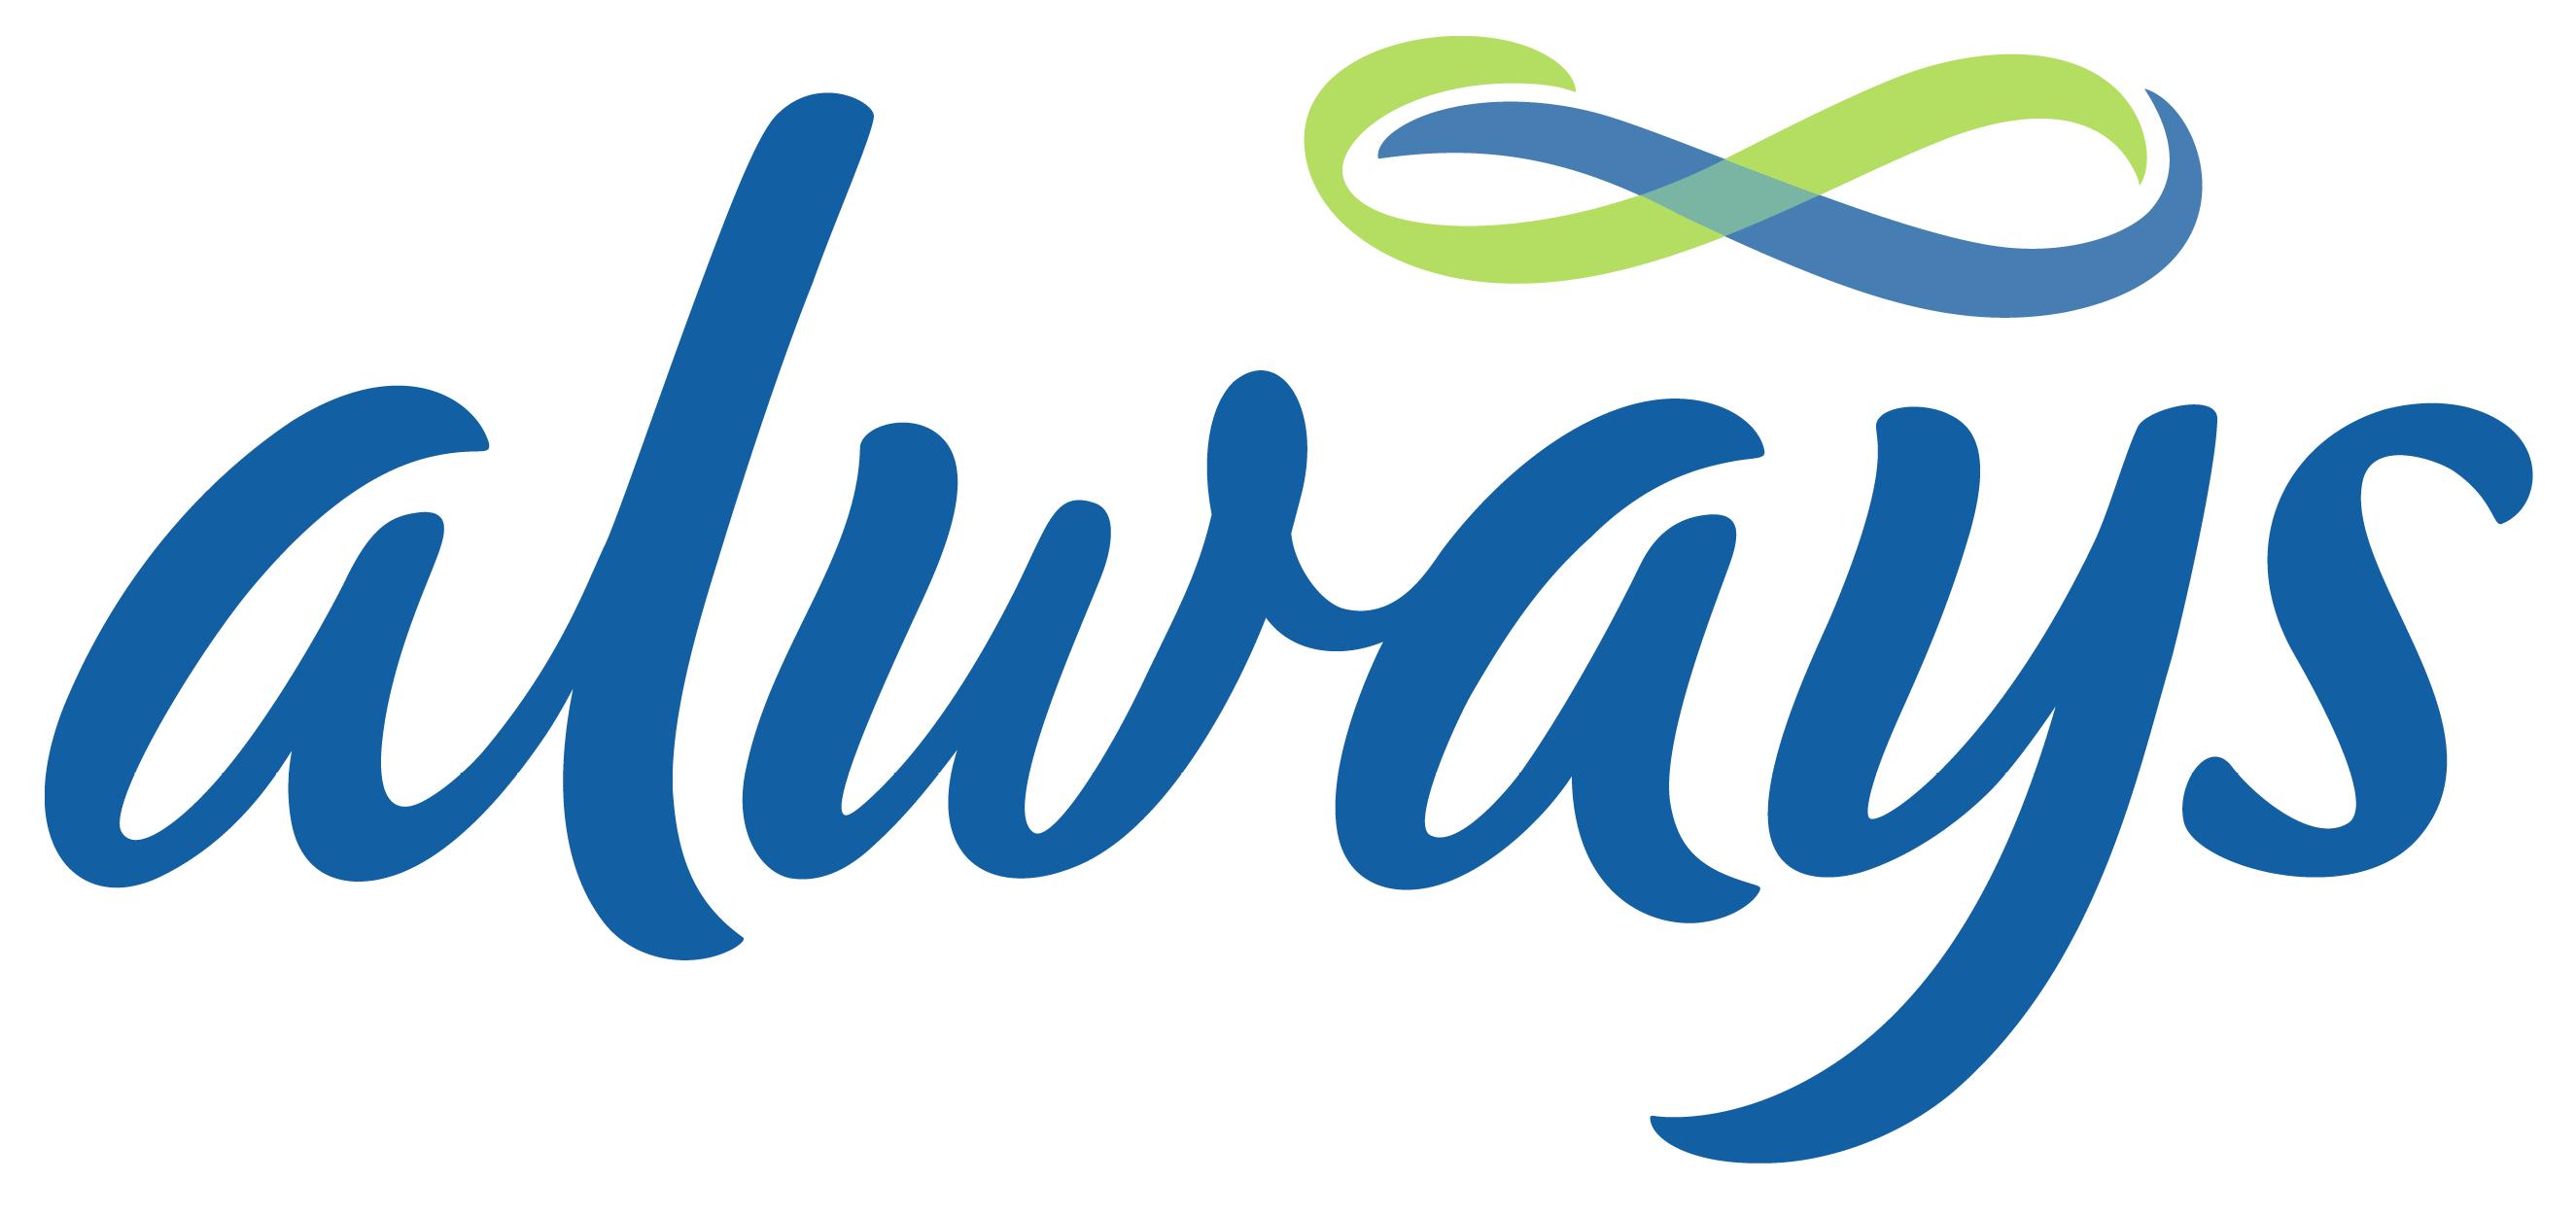 Always logo, logotype, emblem - Always Logo PNG